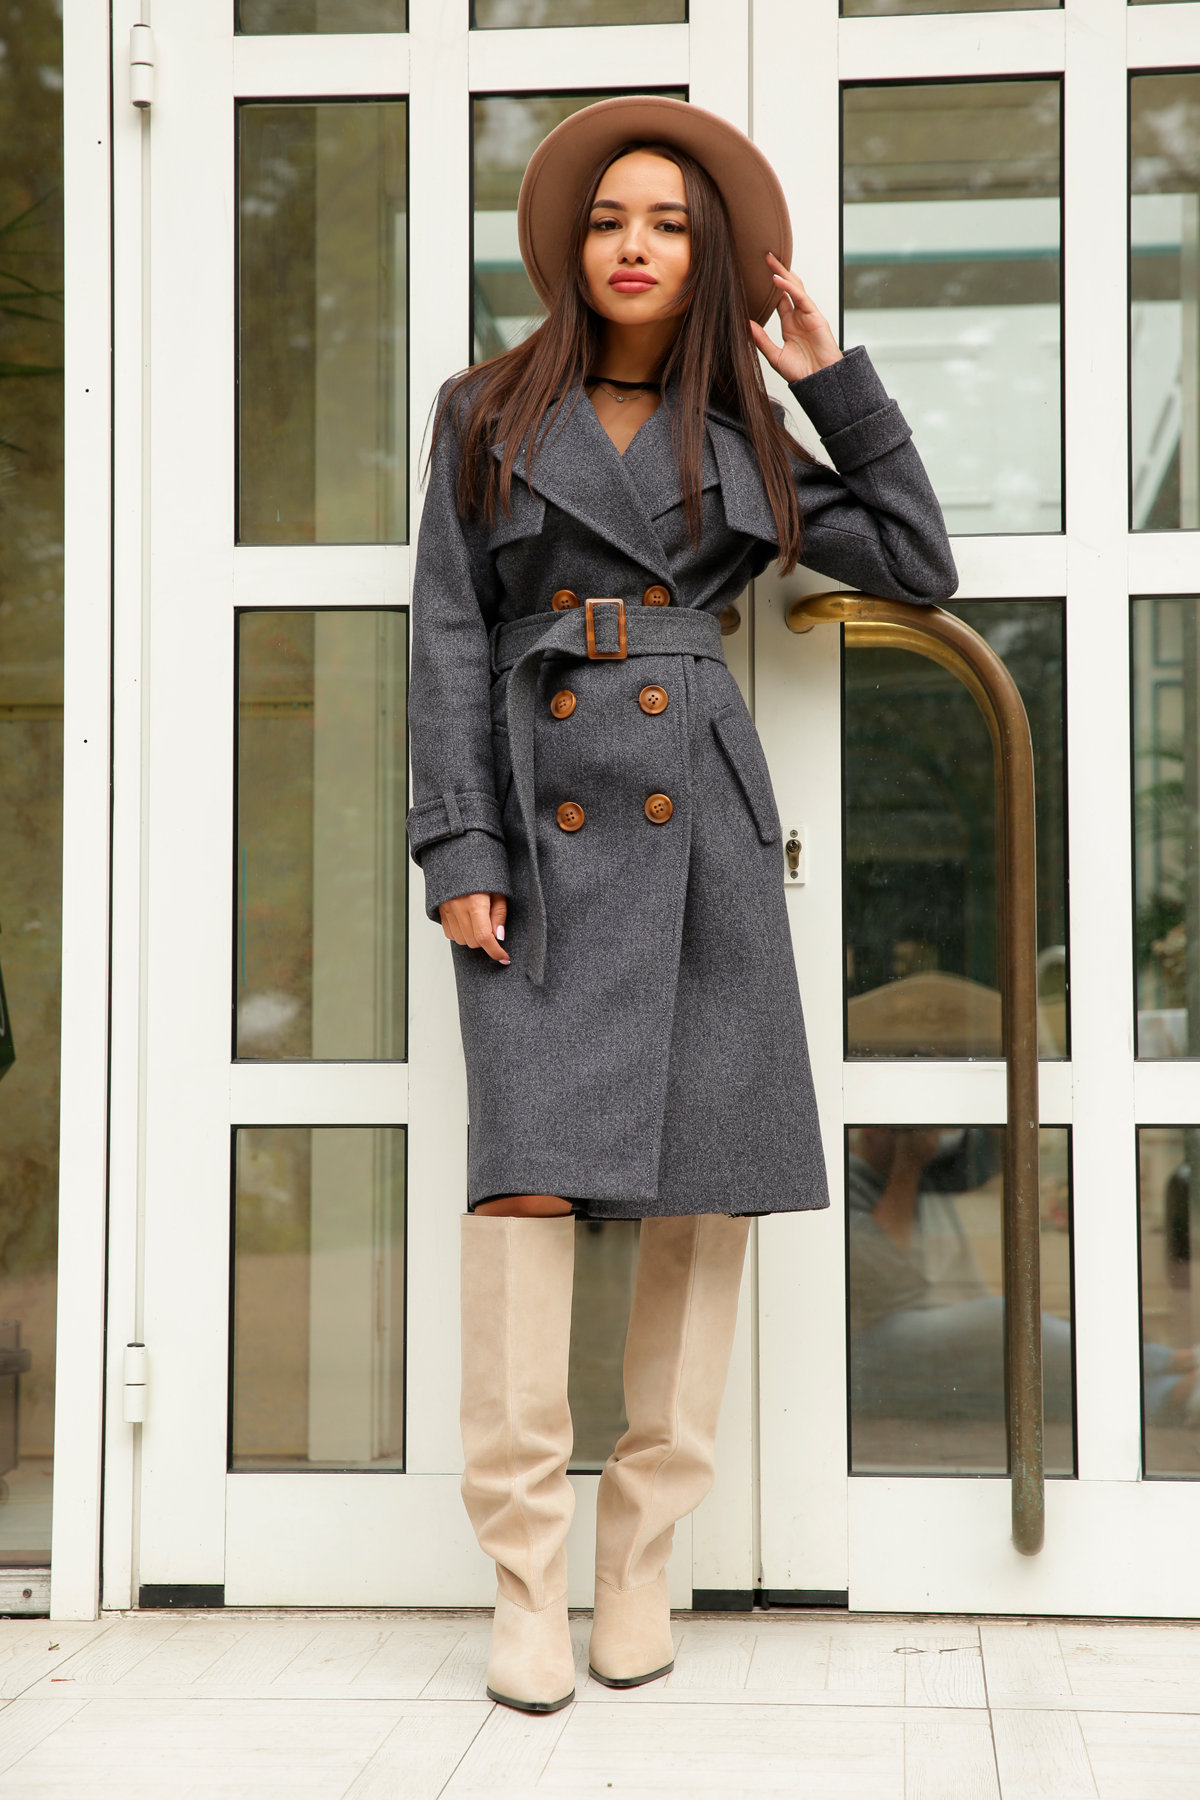 Двубортное пальто демисезон Монте 8089 АРТ. 44032 Цвет: т. синий 543 - фото 5, интернет магазин tm-modus.ru